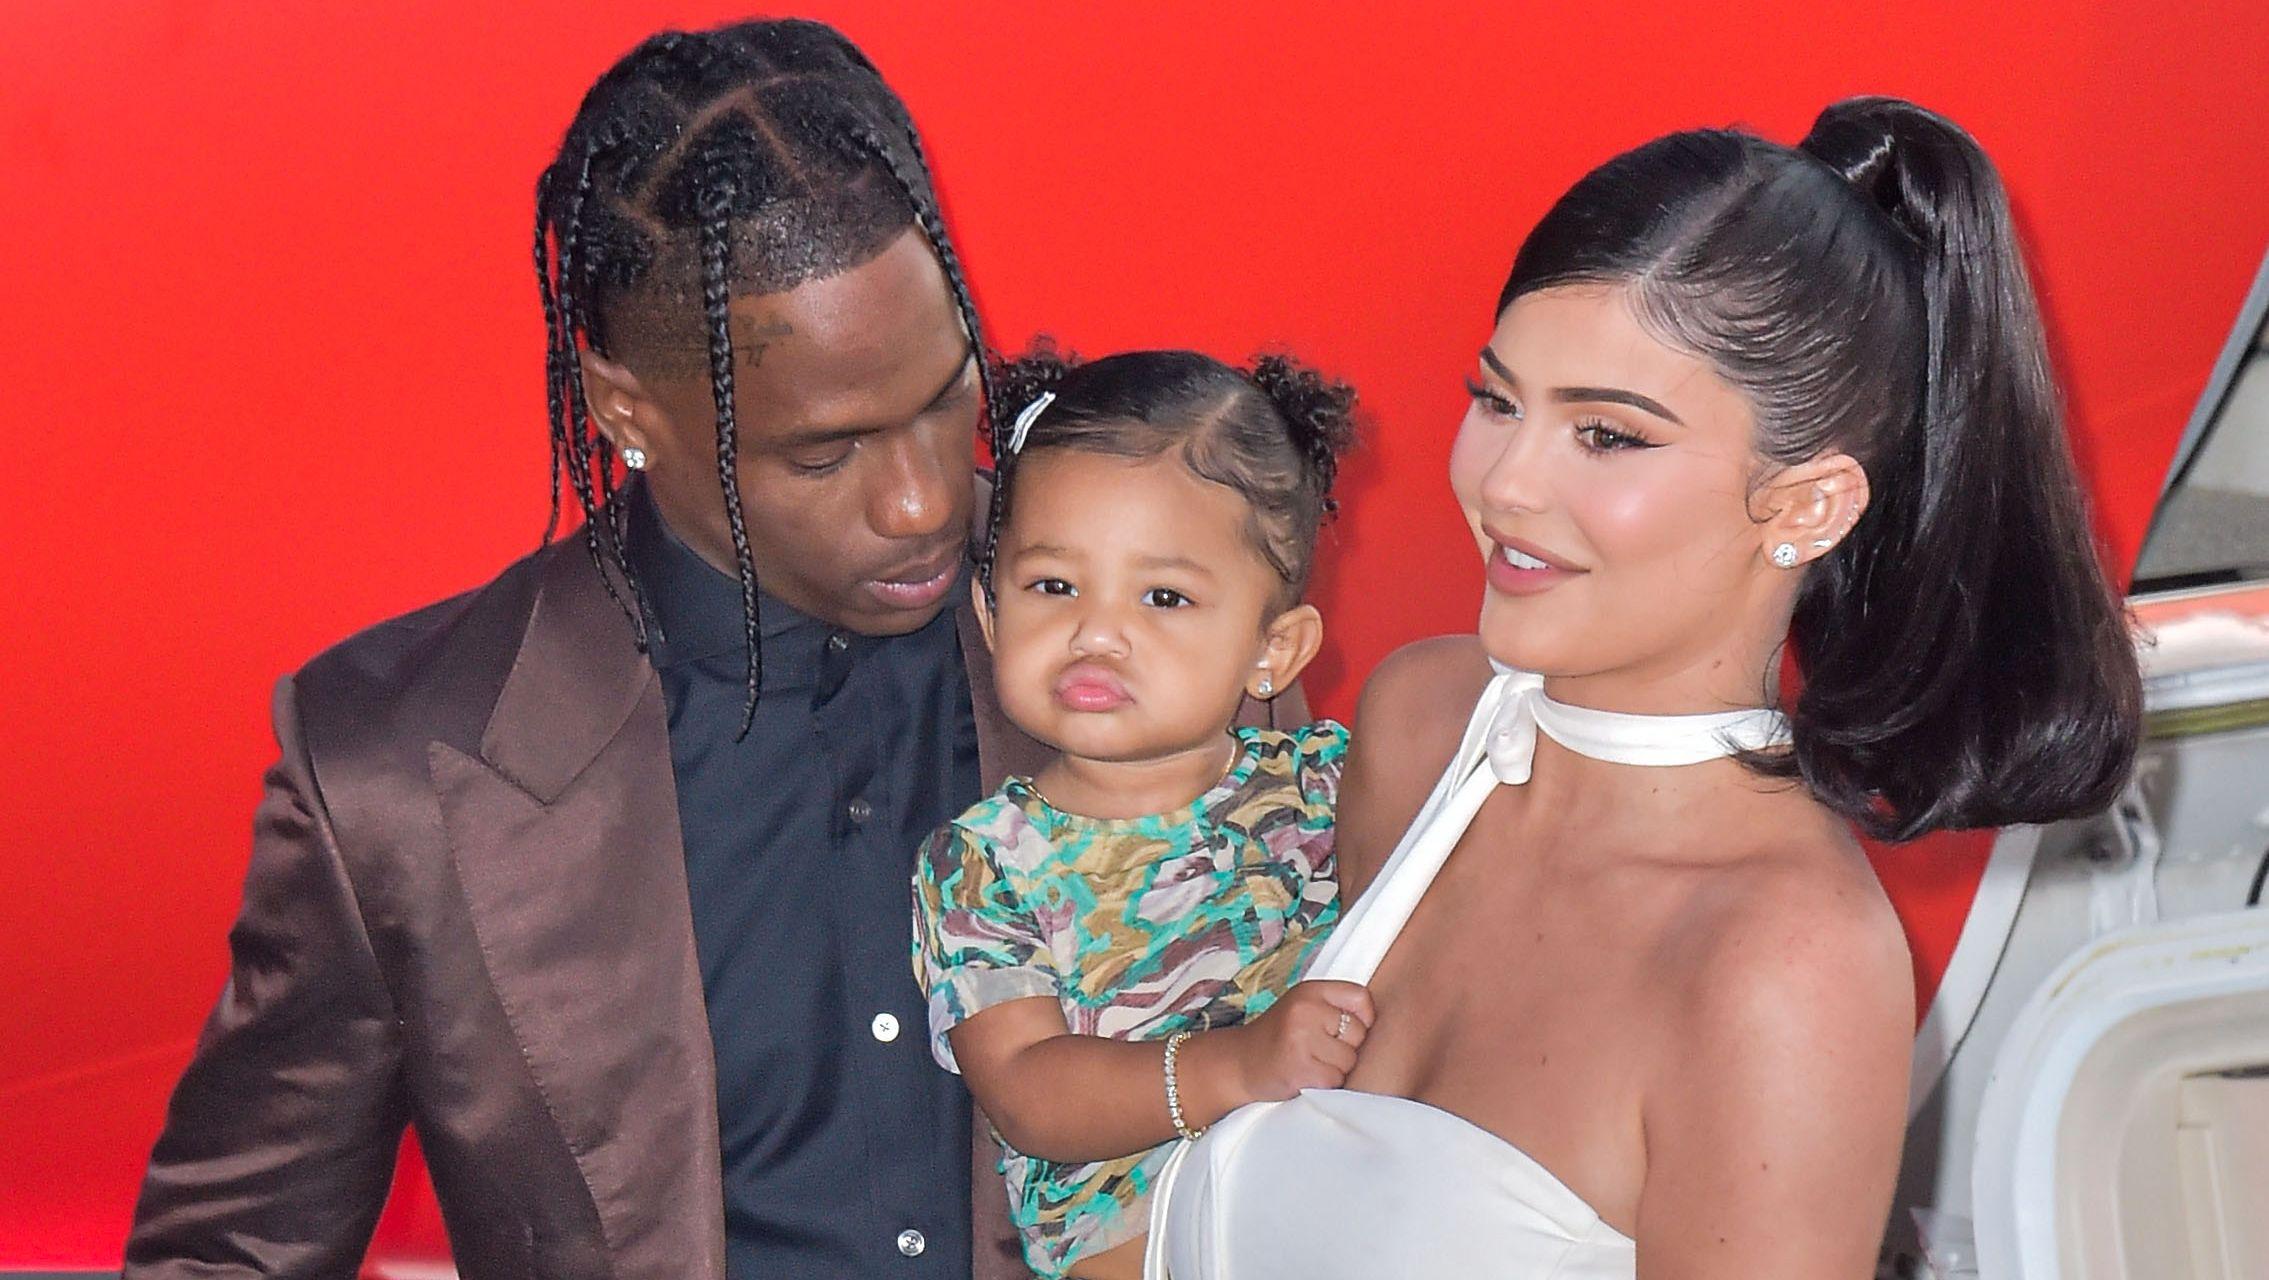 Stormi, fille de Kylie Jenner et Travis Scott